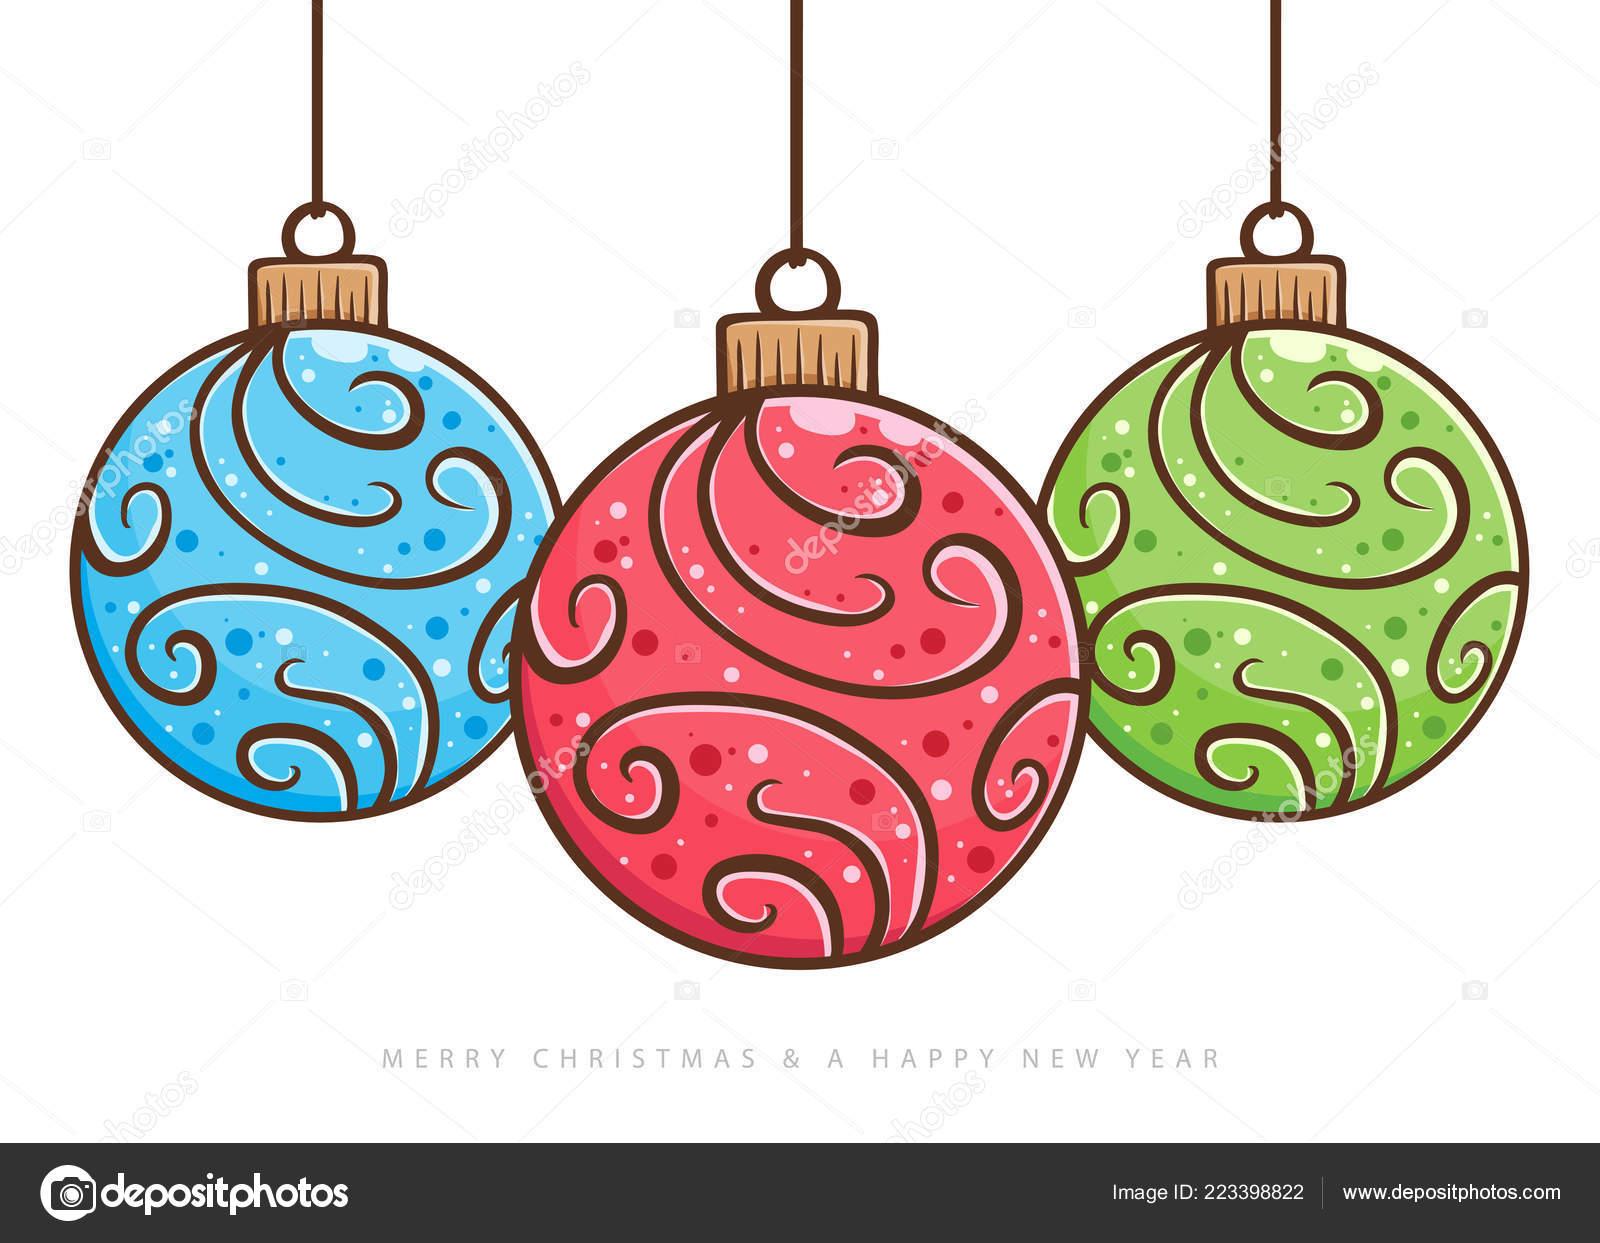 Dessin Boule De Noel.Trois Décoration Boule Noël Isolé Sur Fond Blanc Main Dessin